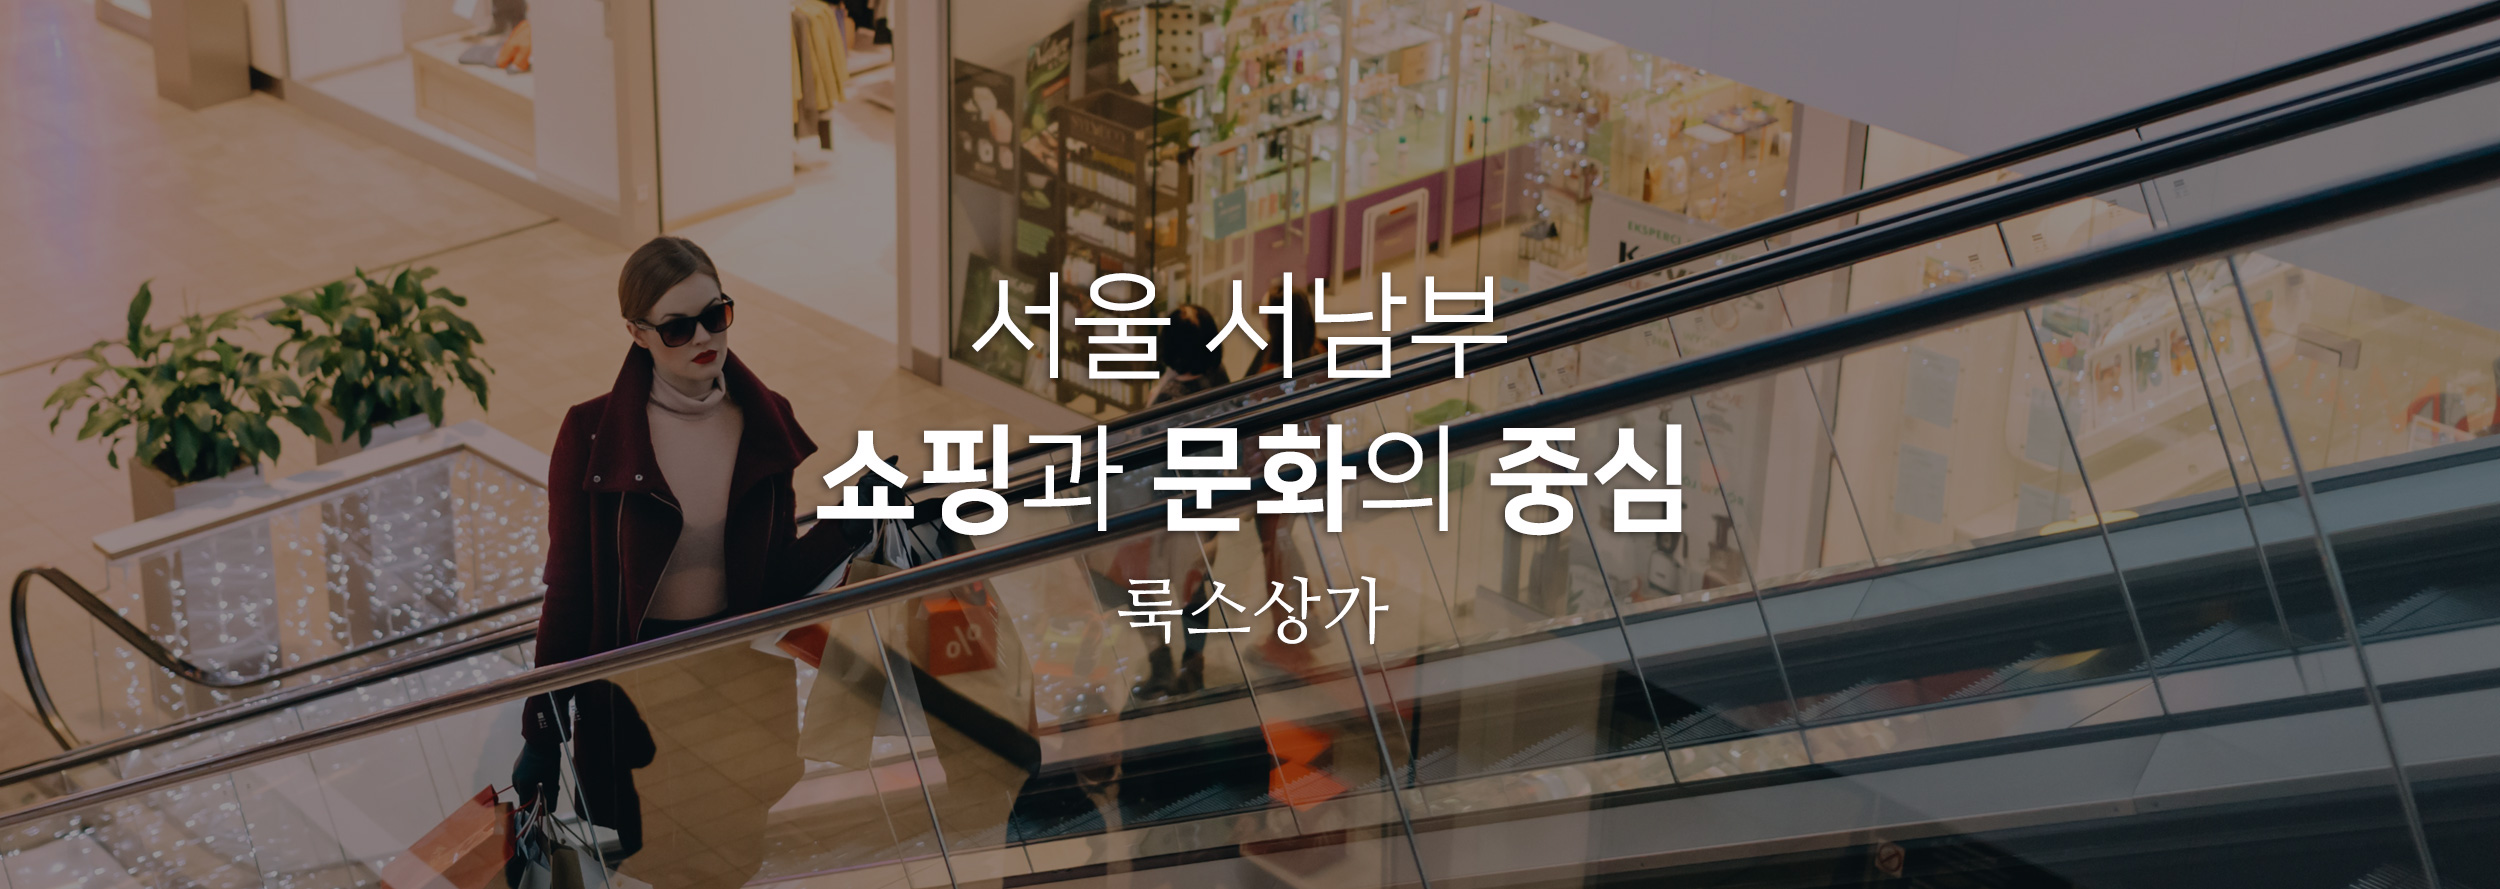 서울 서남부 쇼핑과 문화의 중심